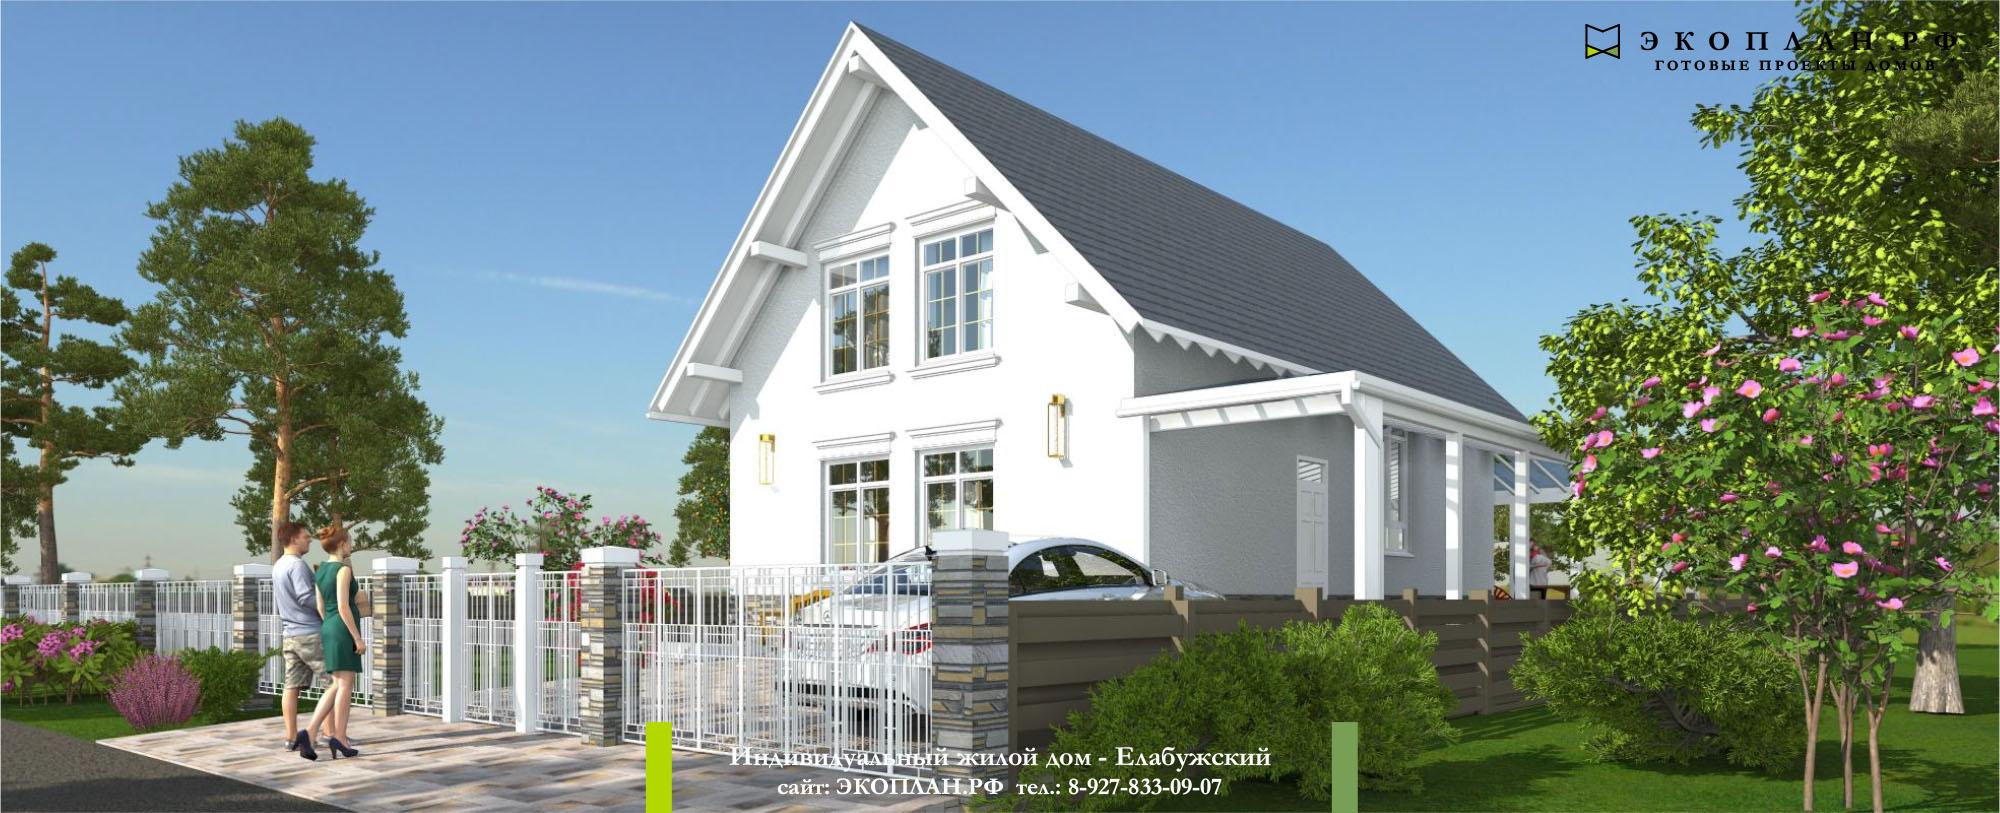 Елабужский - Готовый проект дома - Экоплан фасад